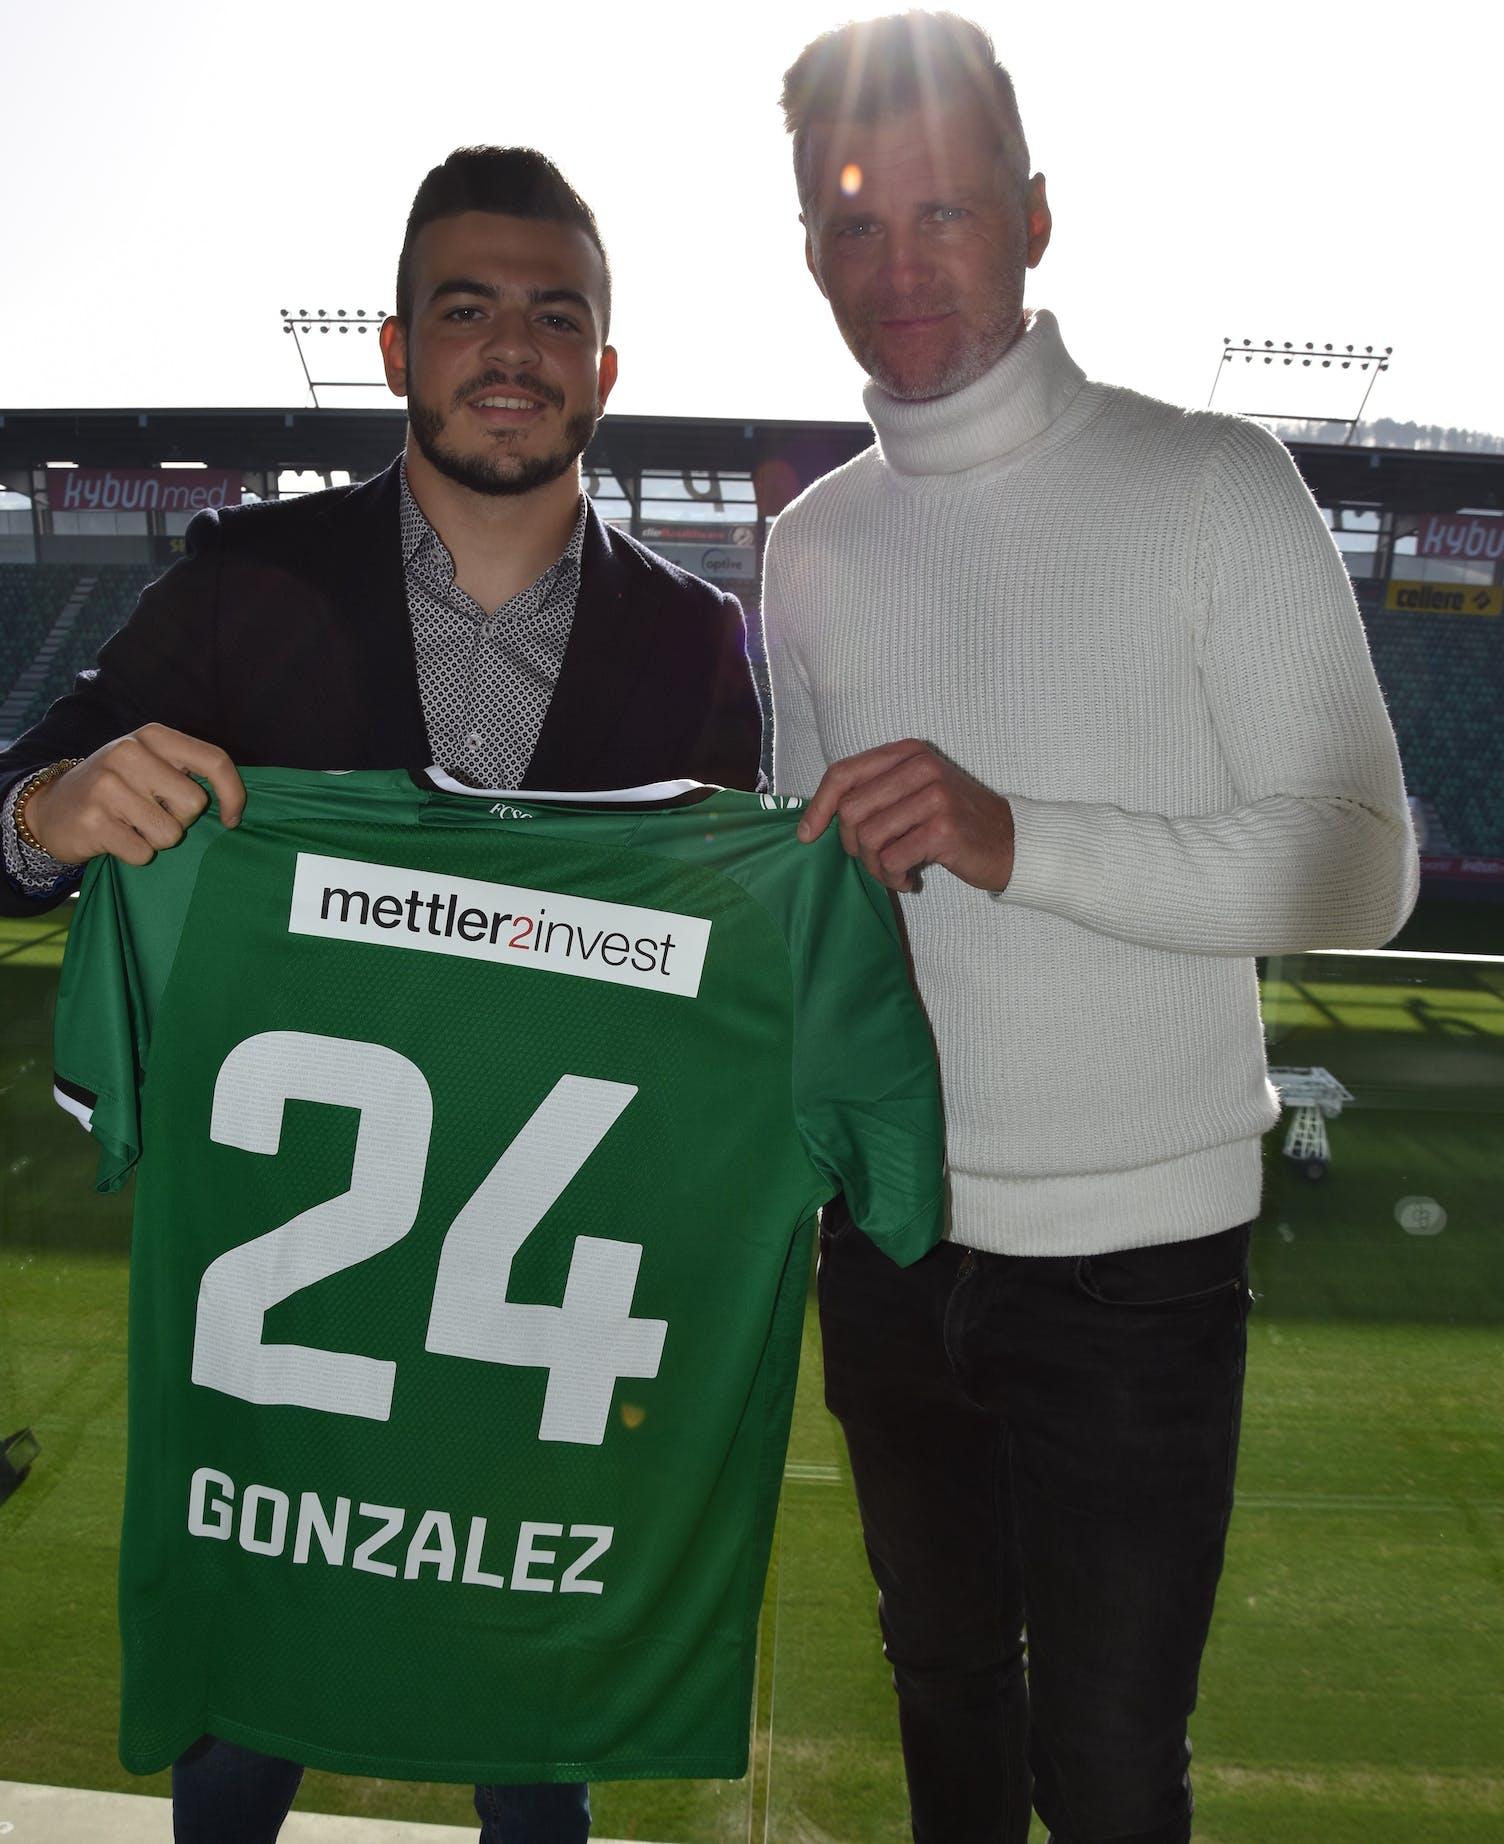 FCSG Gonzalez